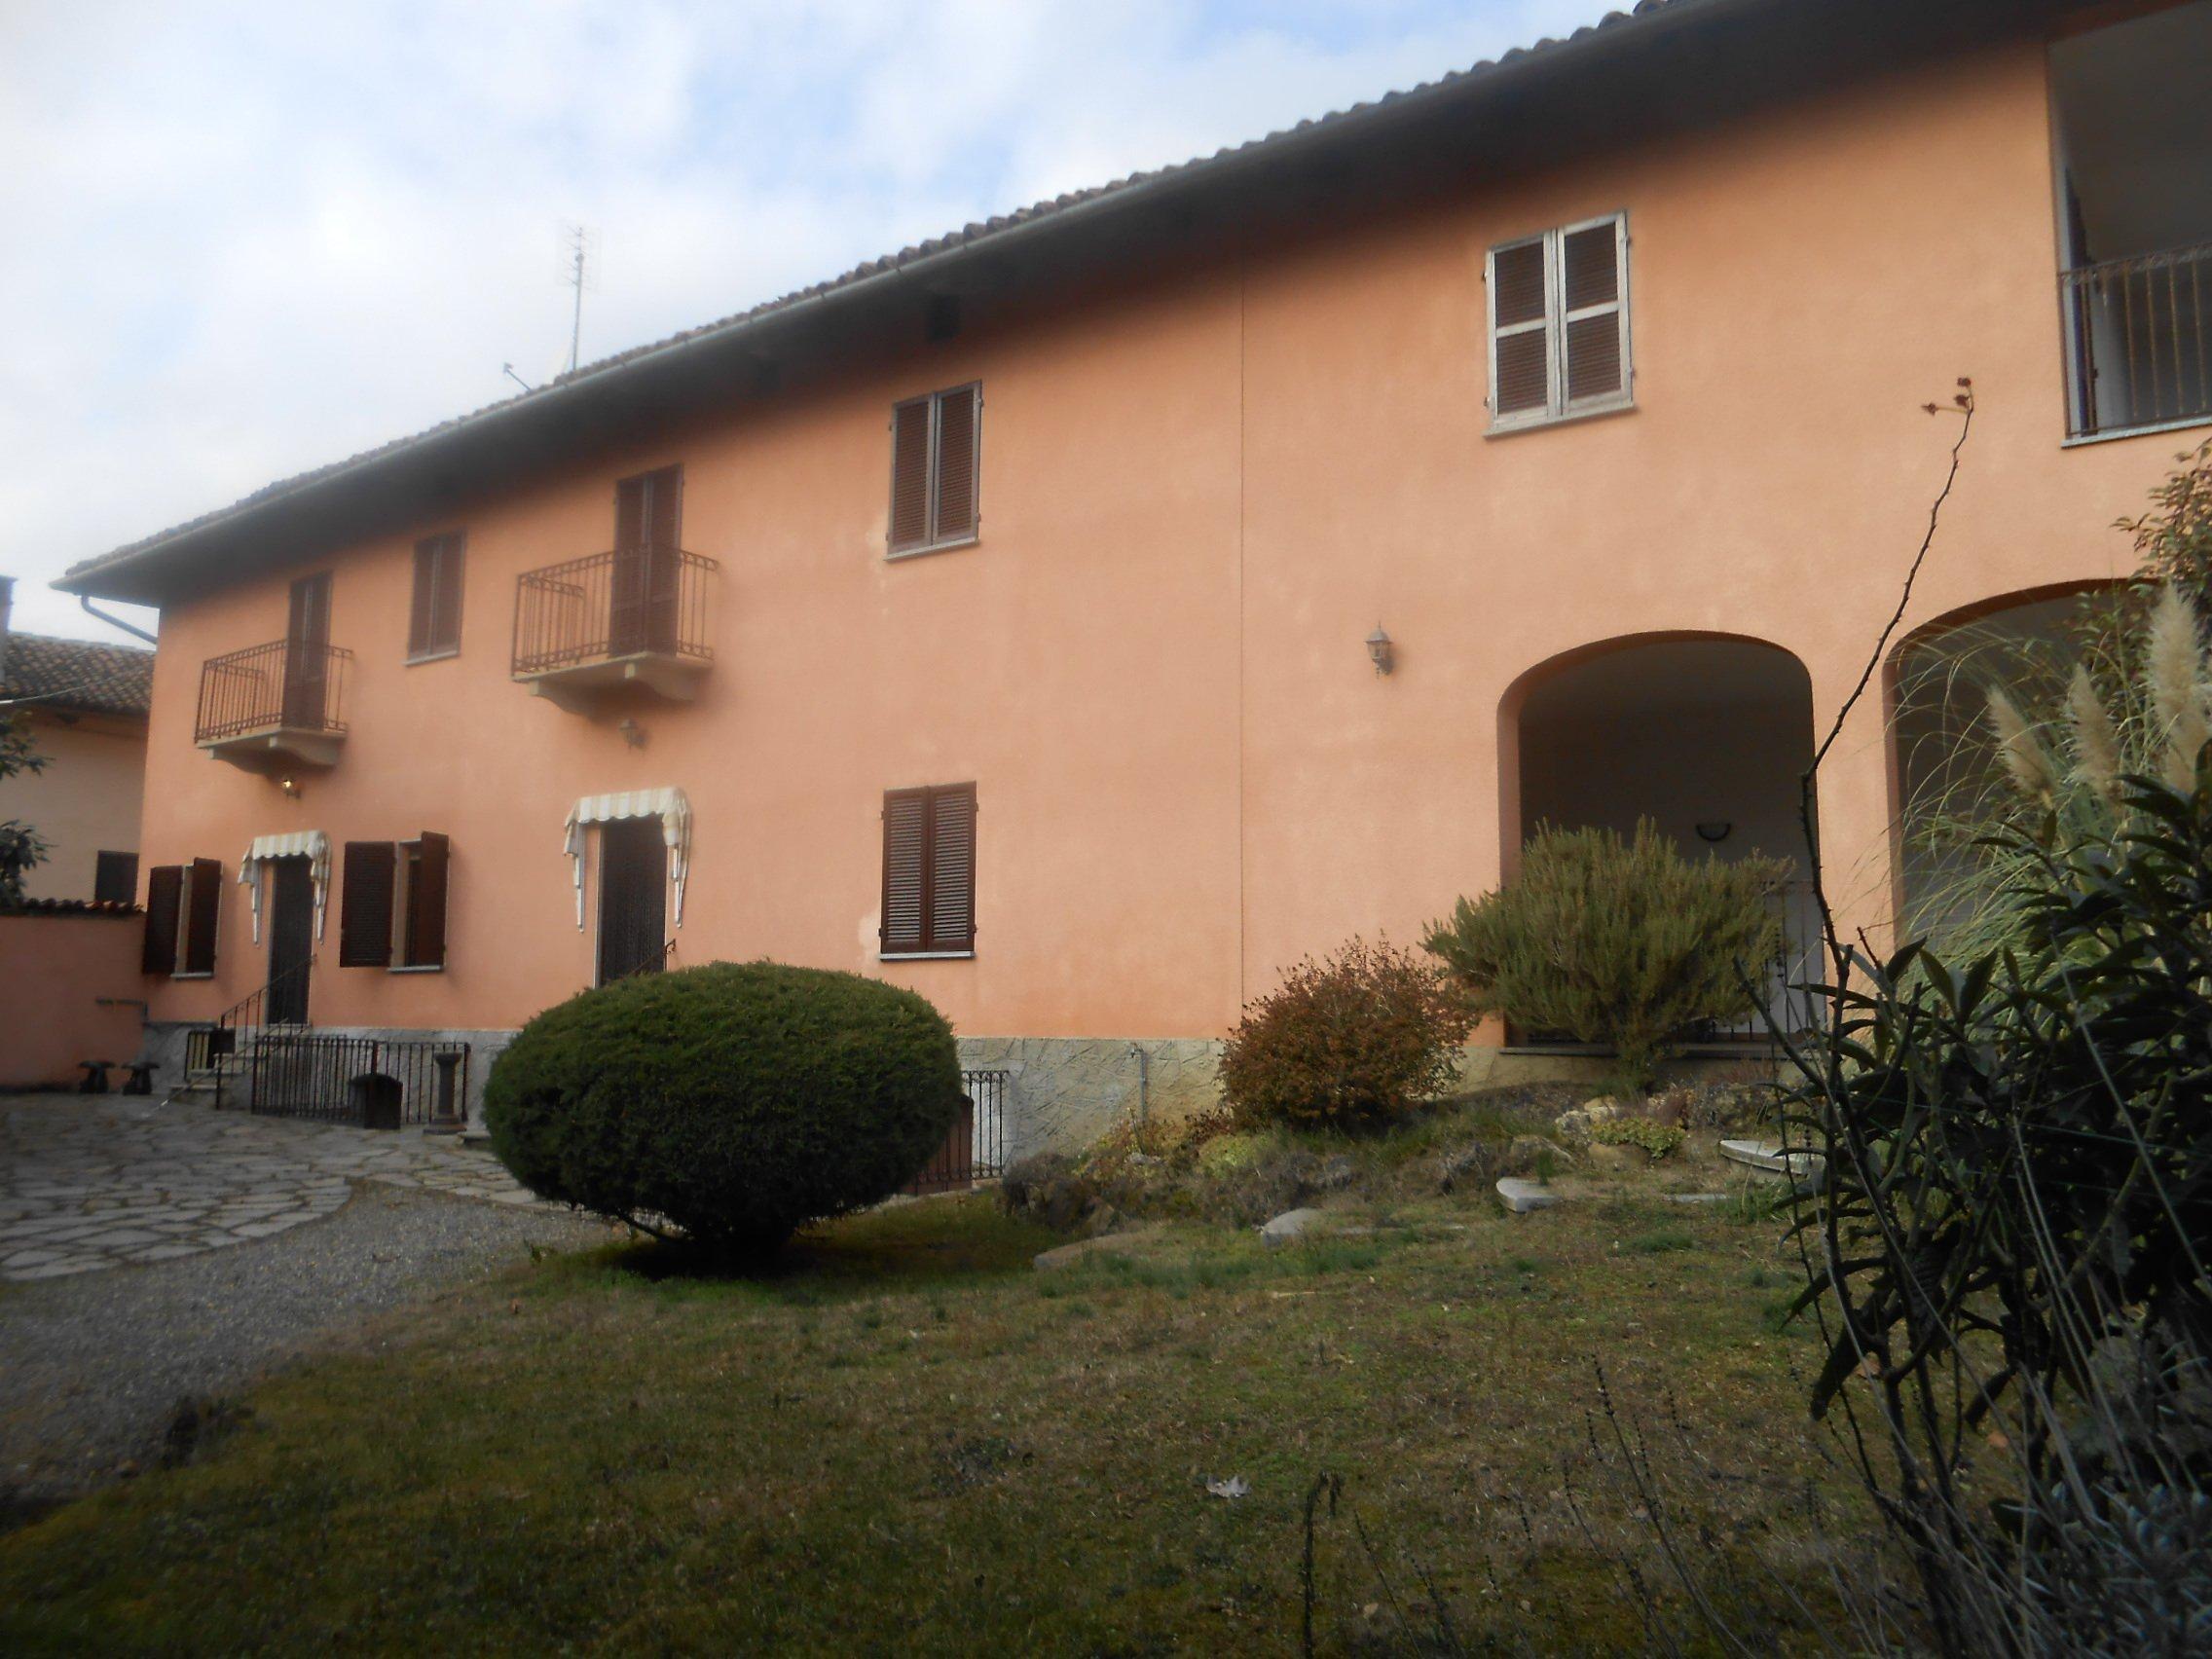 Foto 1 di Casa indipendente Castelnuovo Don Bosco, Castelnuovo Don Bosco